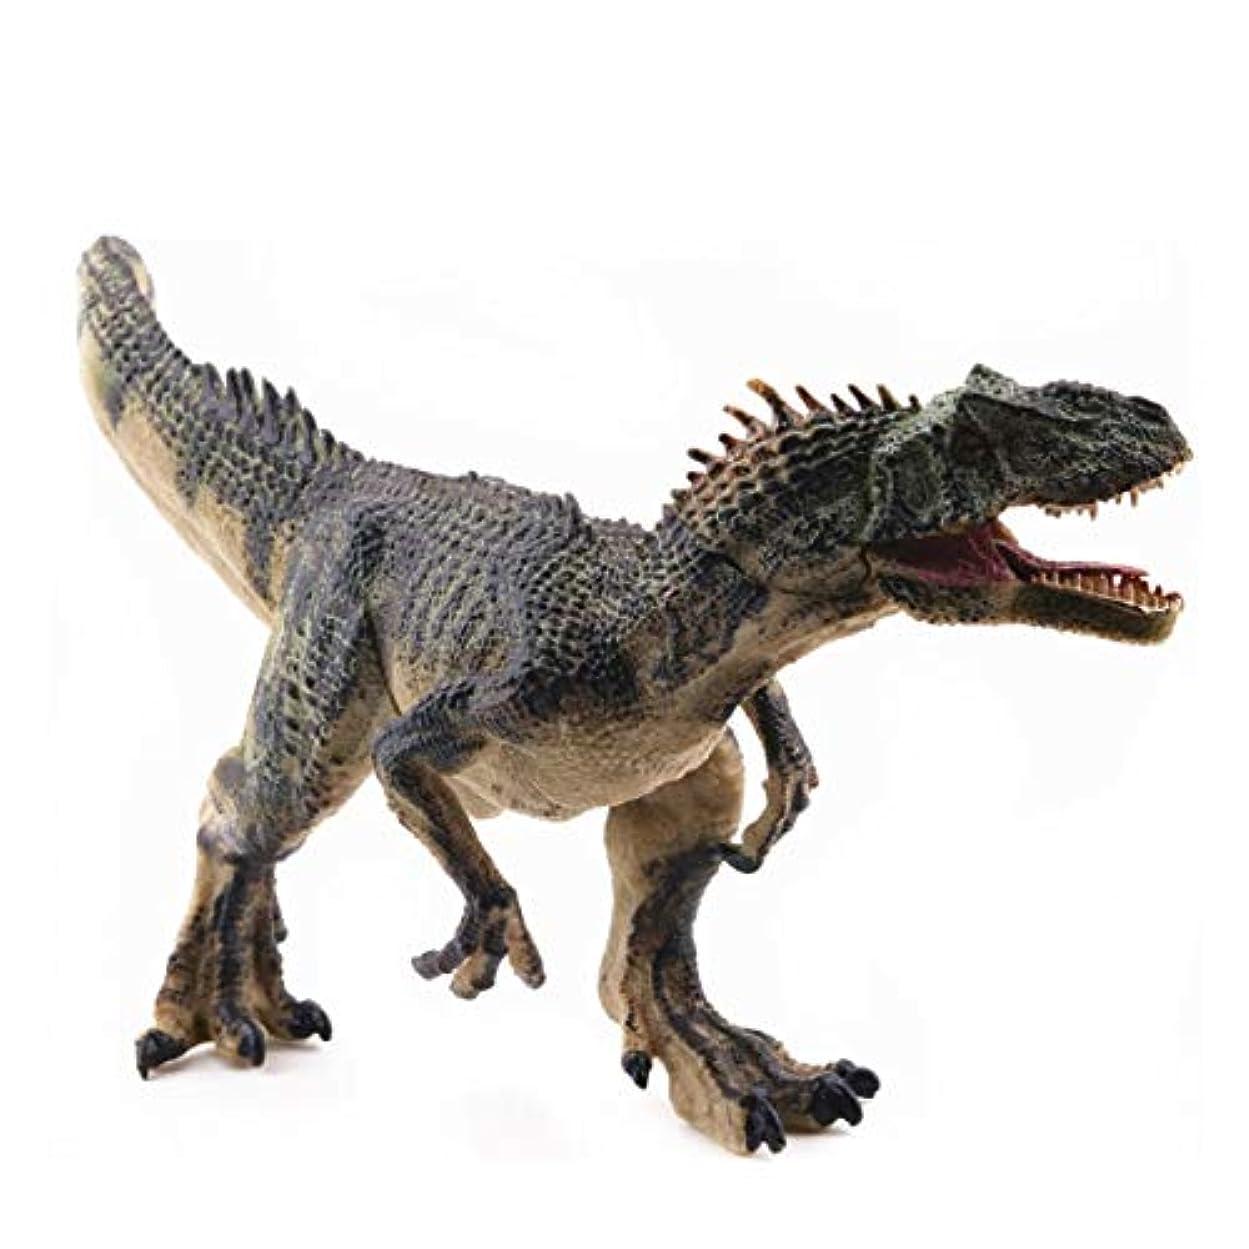 教師の日運命的な発見Saikogoods シミュレーションアロサウルスリアルな恐竜の模型玩具置物アクションは 子供のためのホームインテリア教育玩具フィギュア 緑